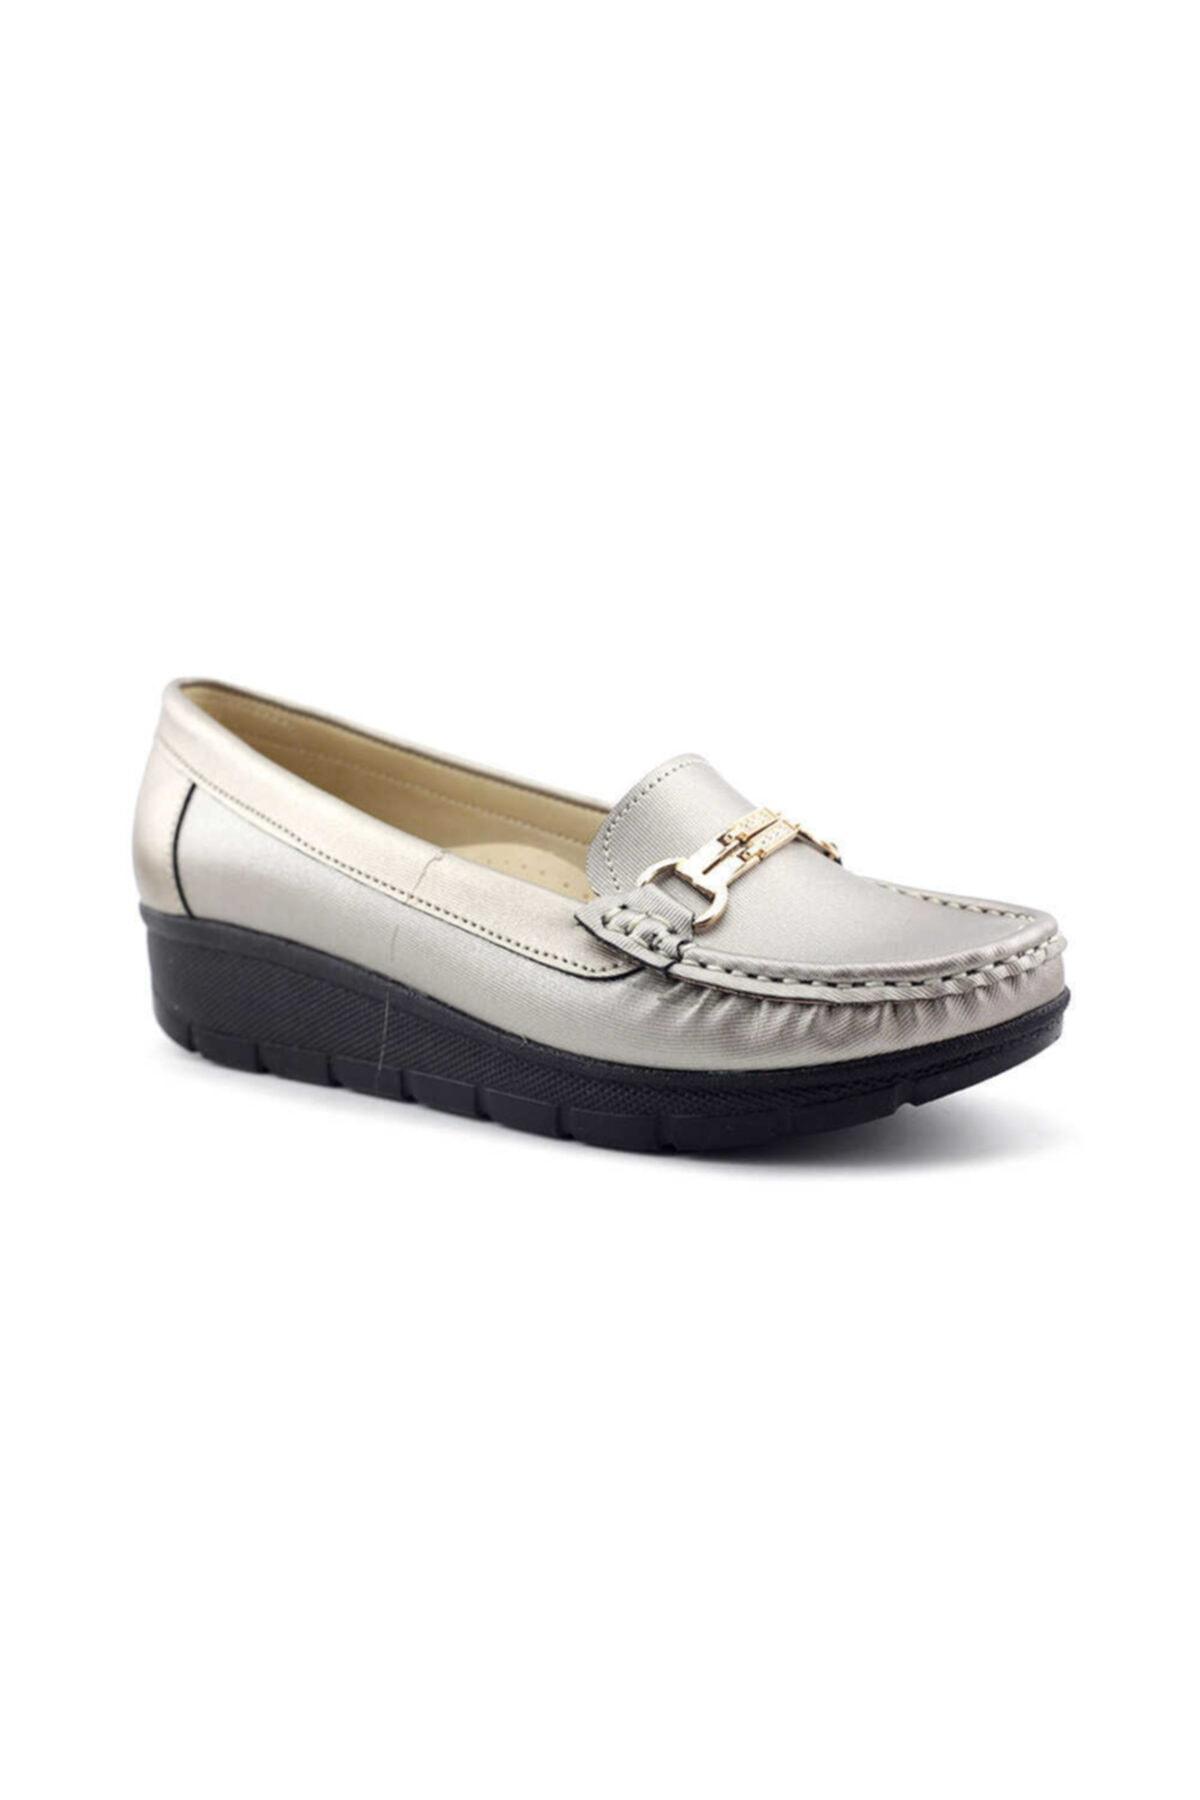 PUNTO 572107 Kadın Günlük Ayakkabı-platin 2